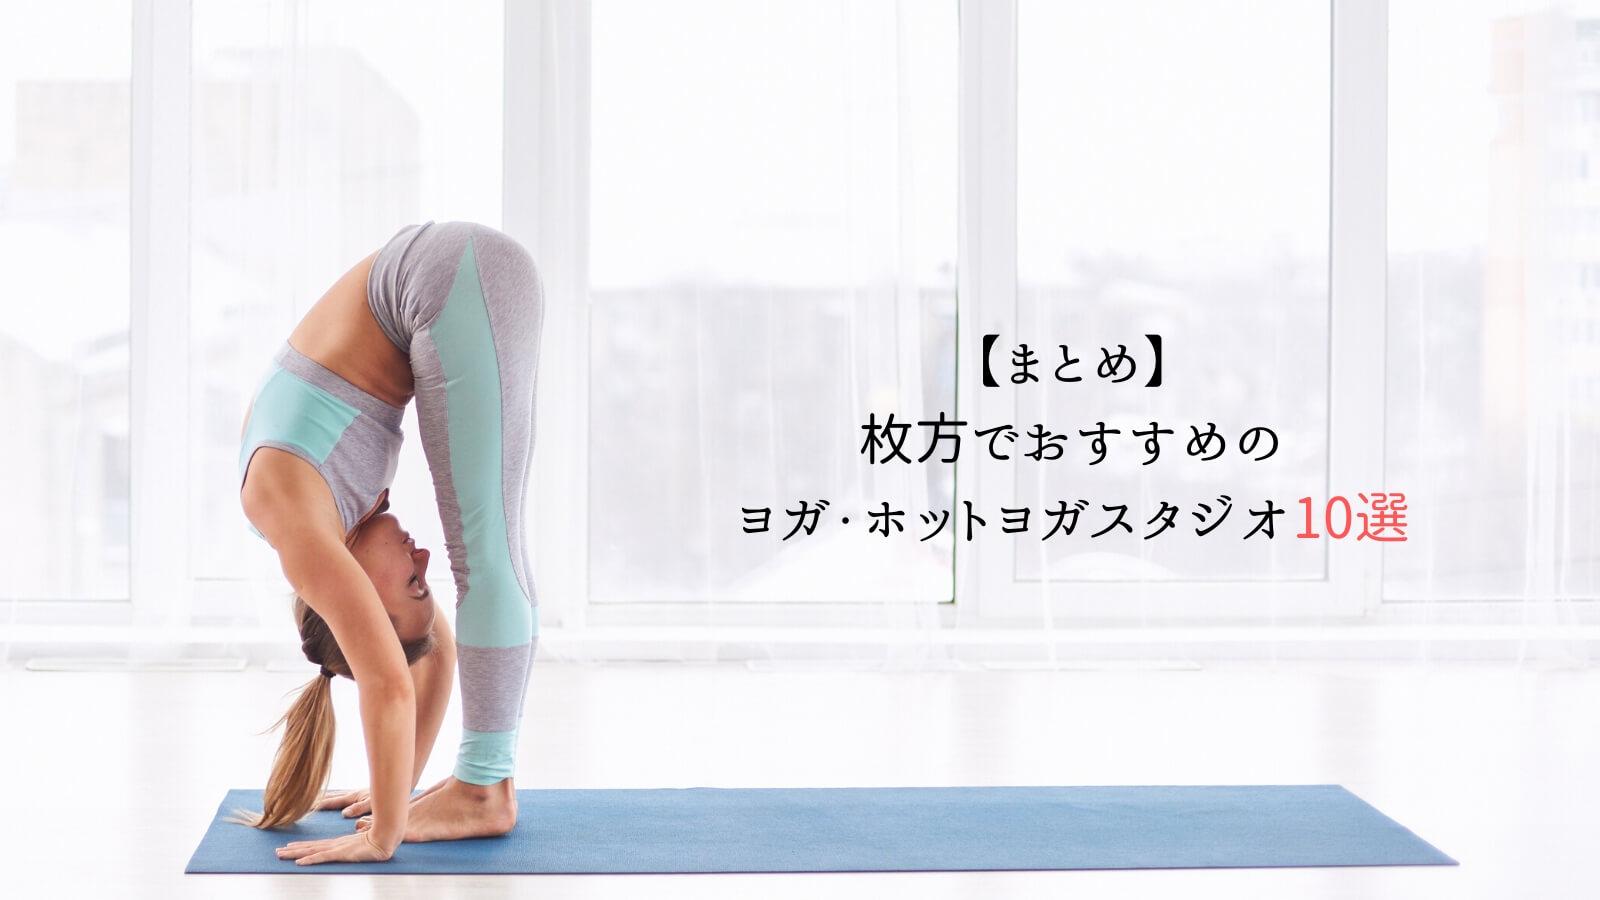 【まとめ】枚方でおすすめのヨガ・ホットヨガスタジオ10選